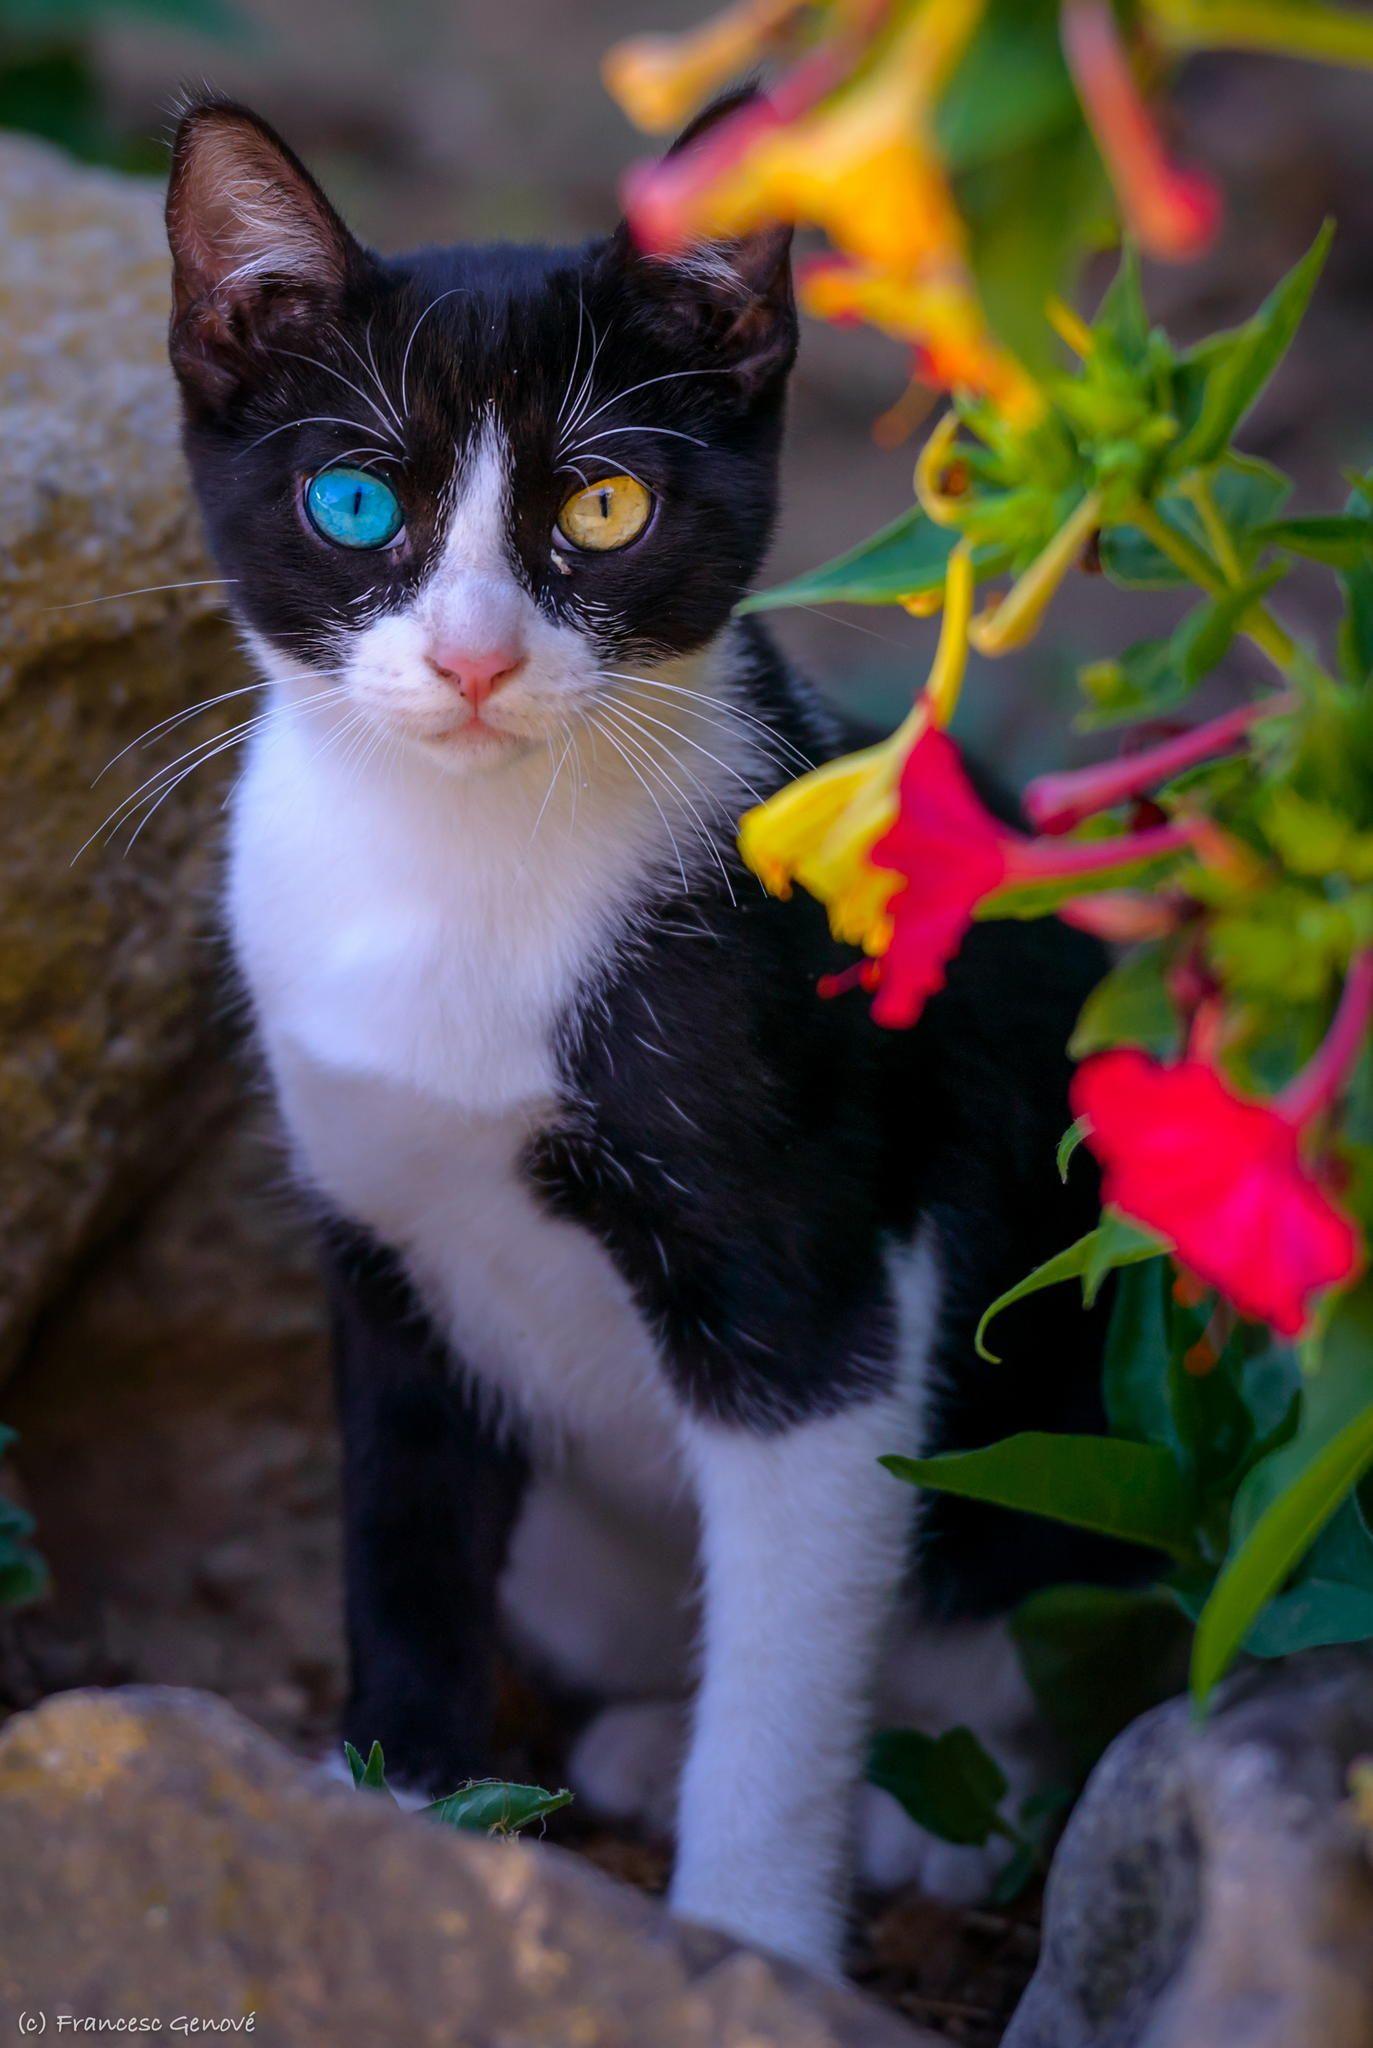 """Jim """"oddeyed"""" cat by Francesc Genové on 500px Cats"""